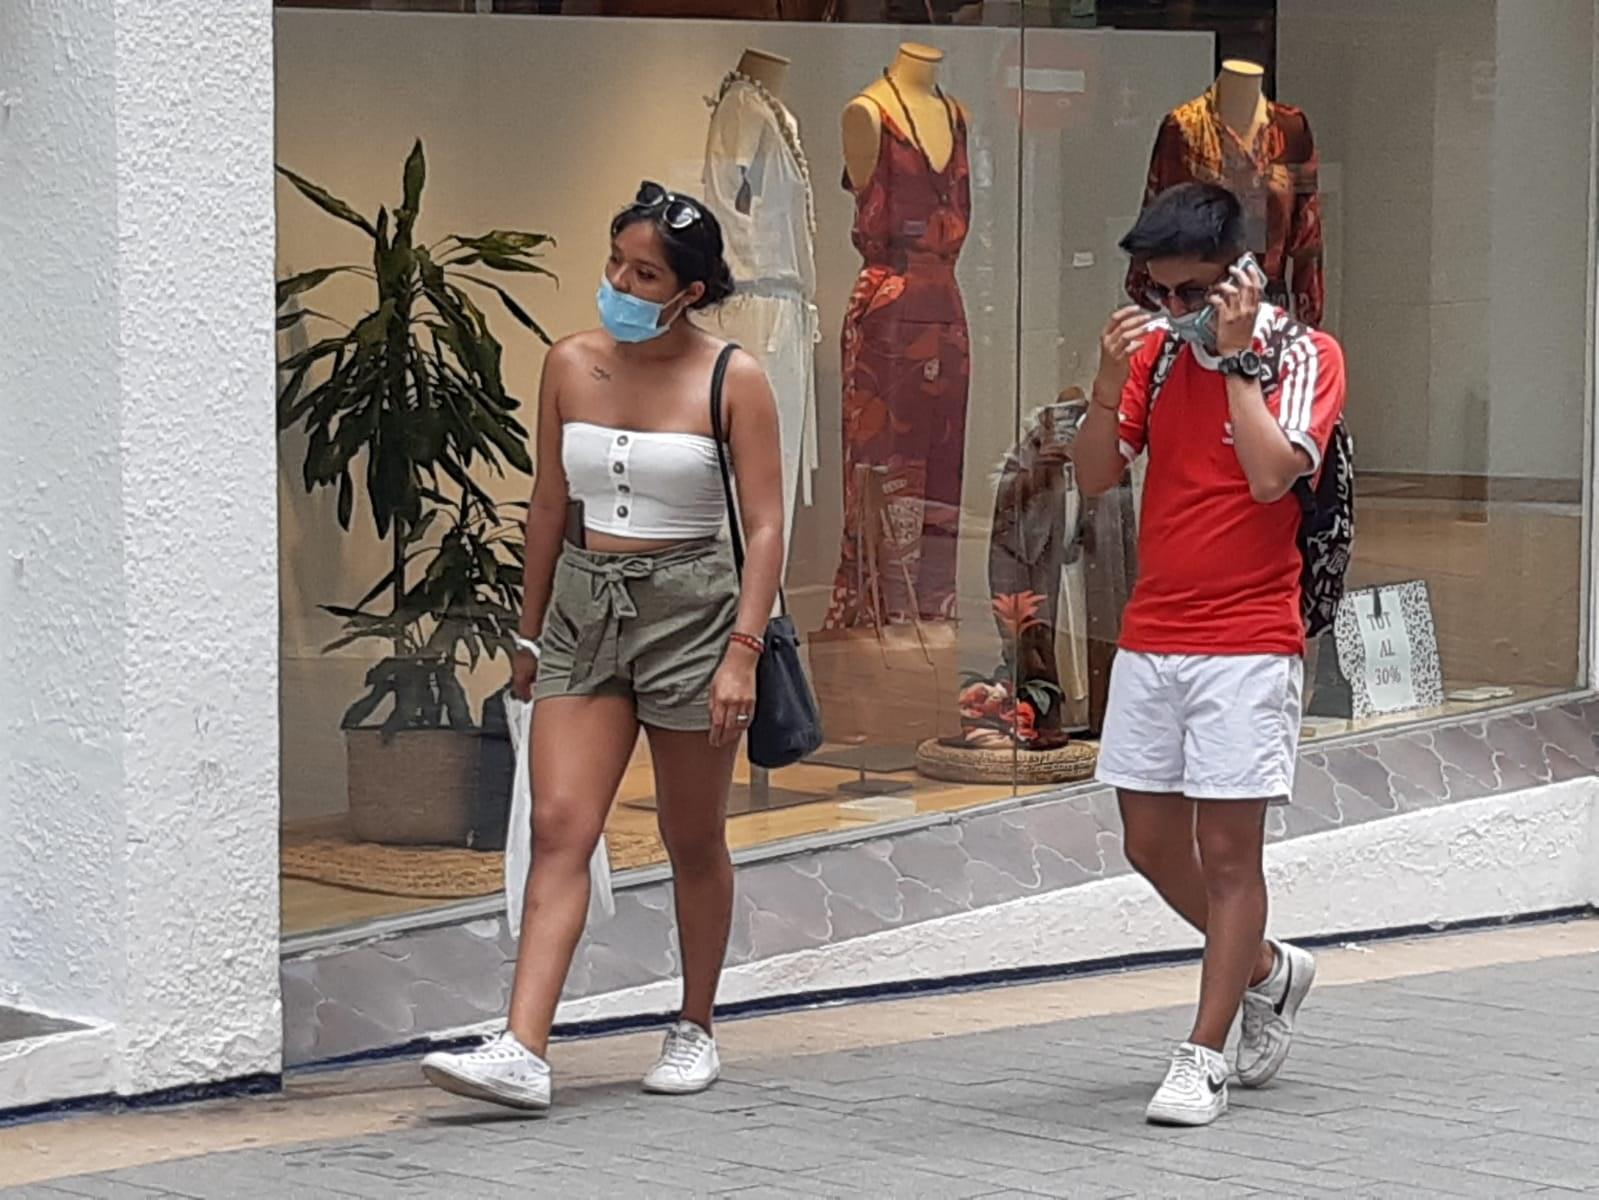 La regidoria de Joventut impulsa un pla d'acció per reforçar a les xarxes socials i també al carrer l'ús de la mascareta entre els joves